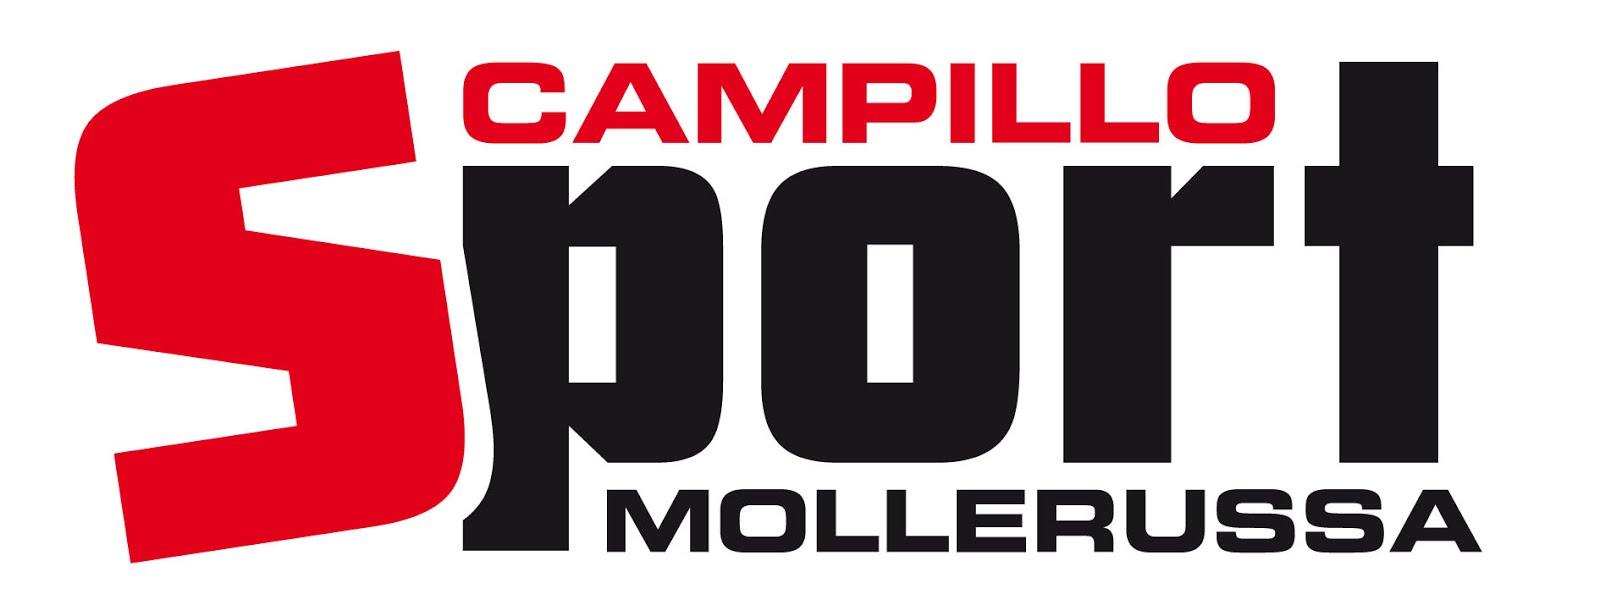 CAMPILLO SPORT